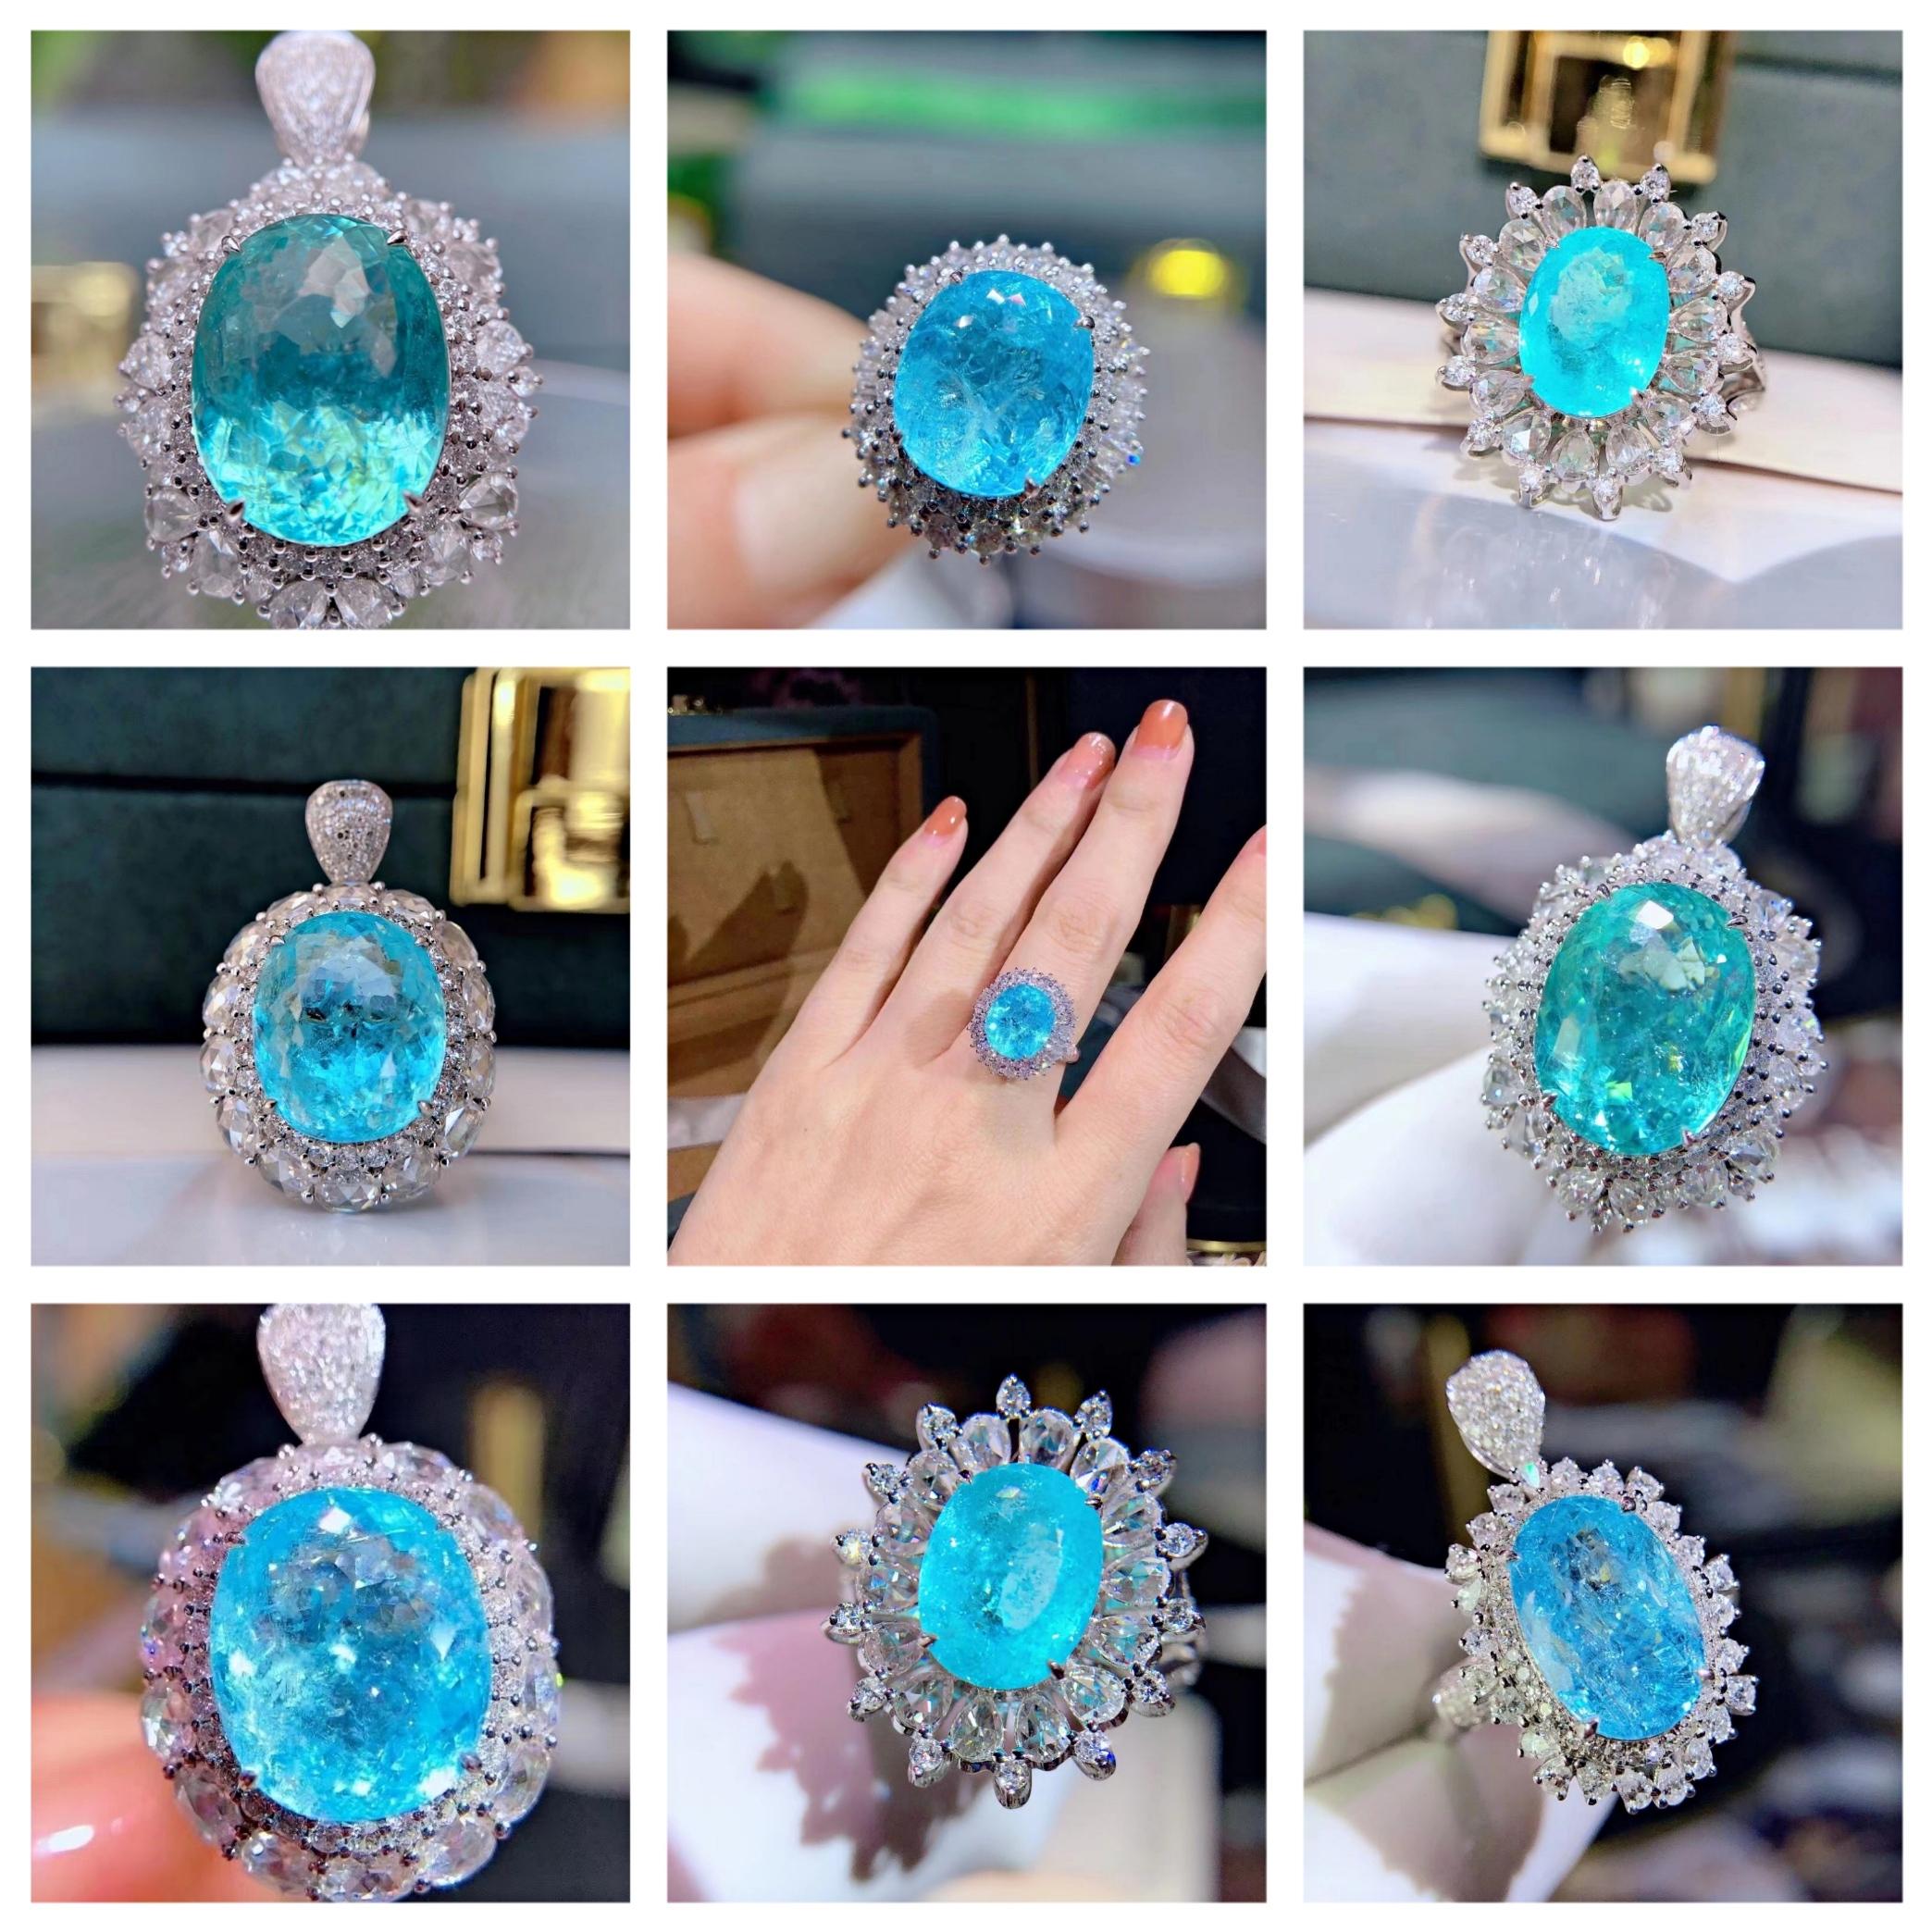 新品纯天然碧玺帕拉伊巴霓虹蓝裸石戒指项链吊坠私人定制高端彩宝